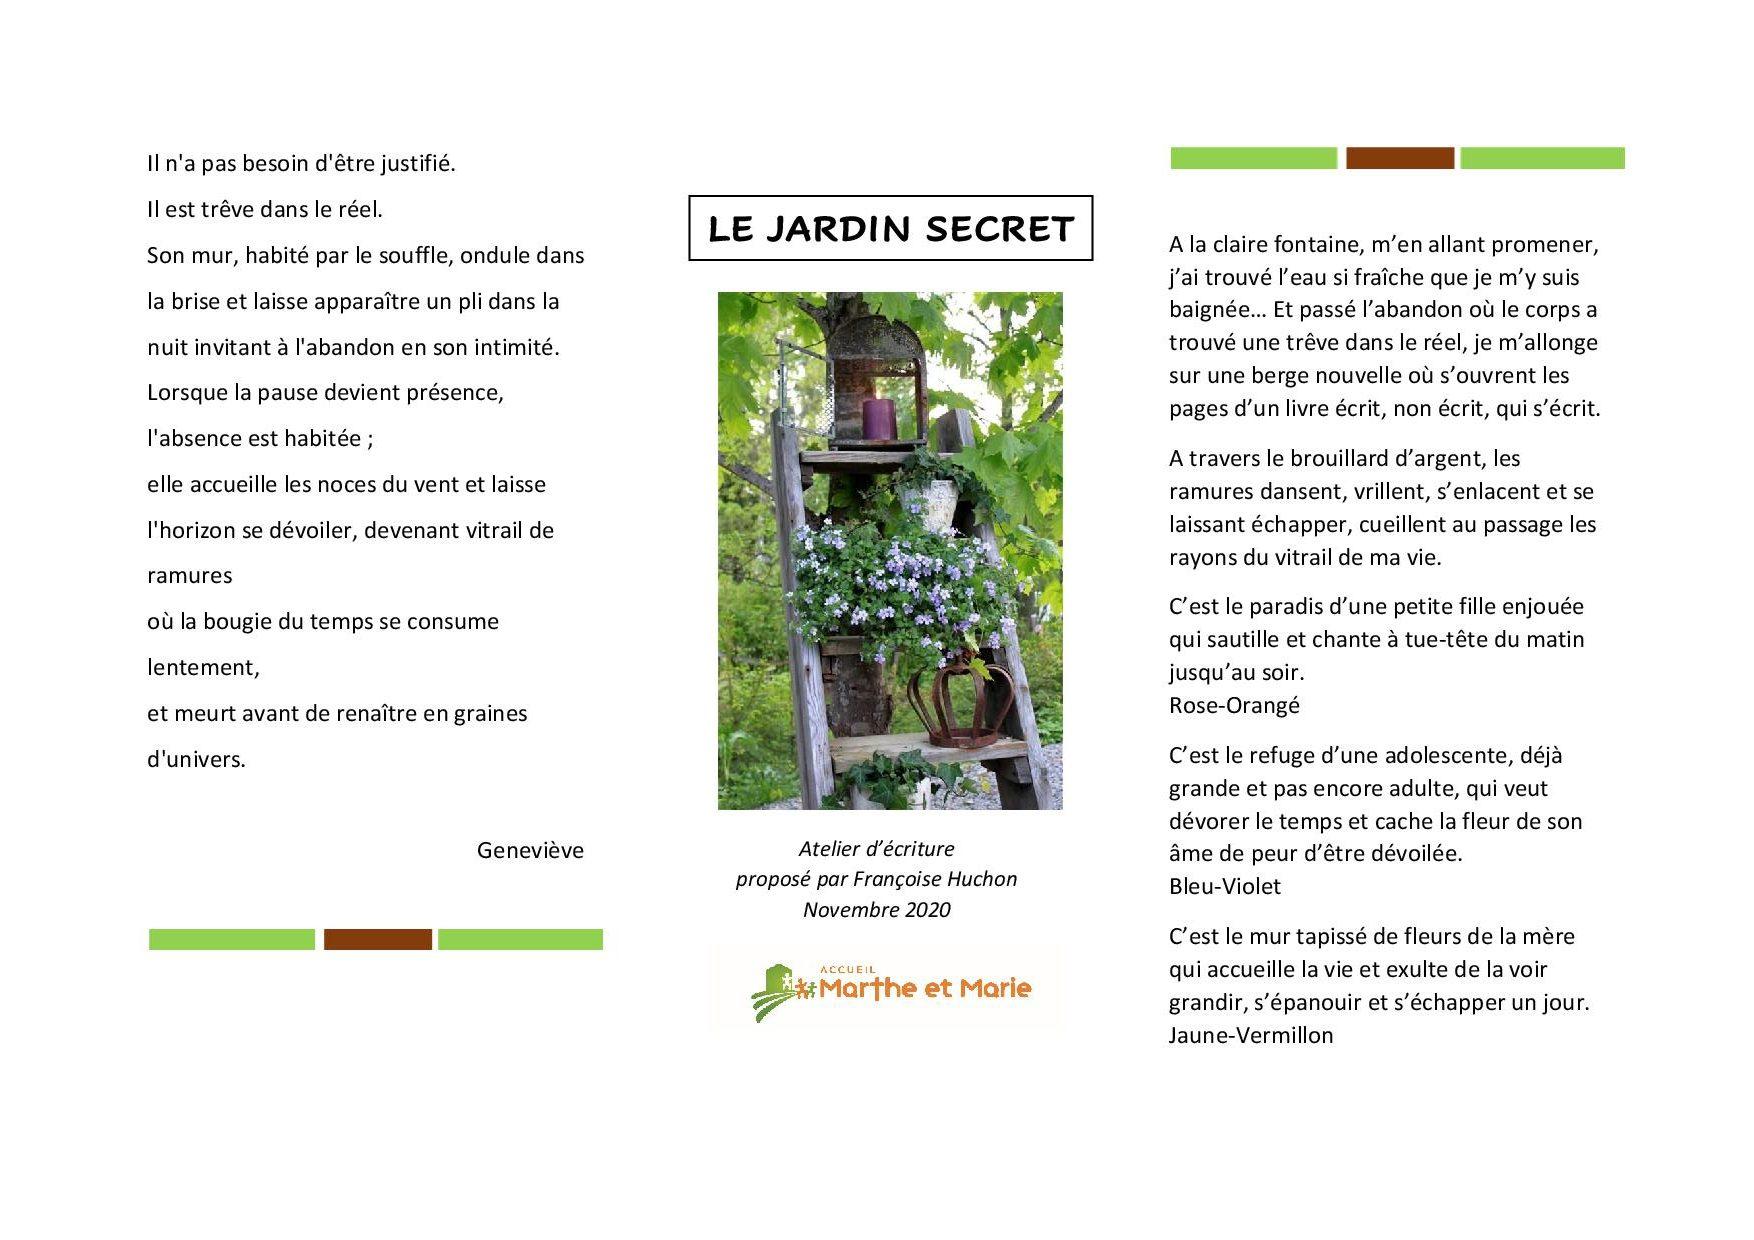 201119 le jardin secret recueil de textes1